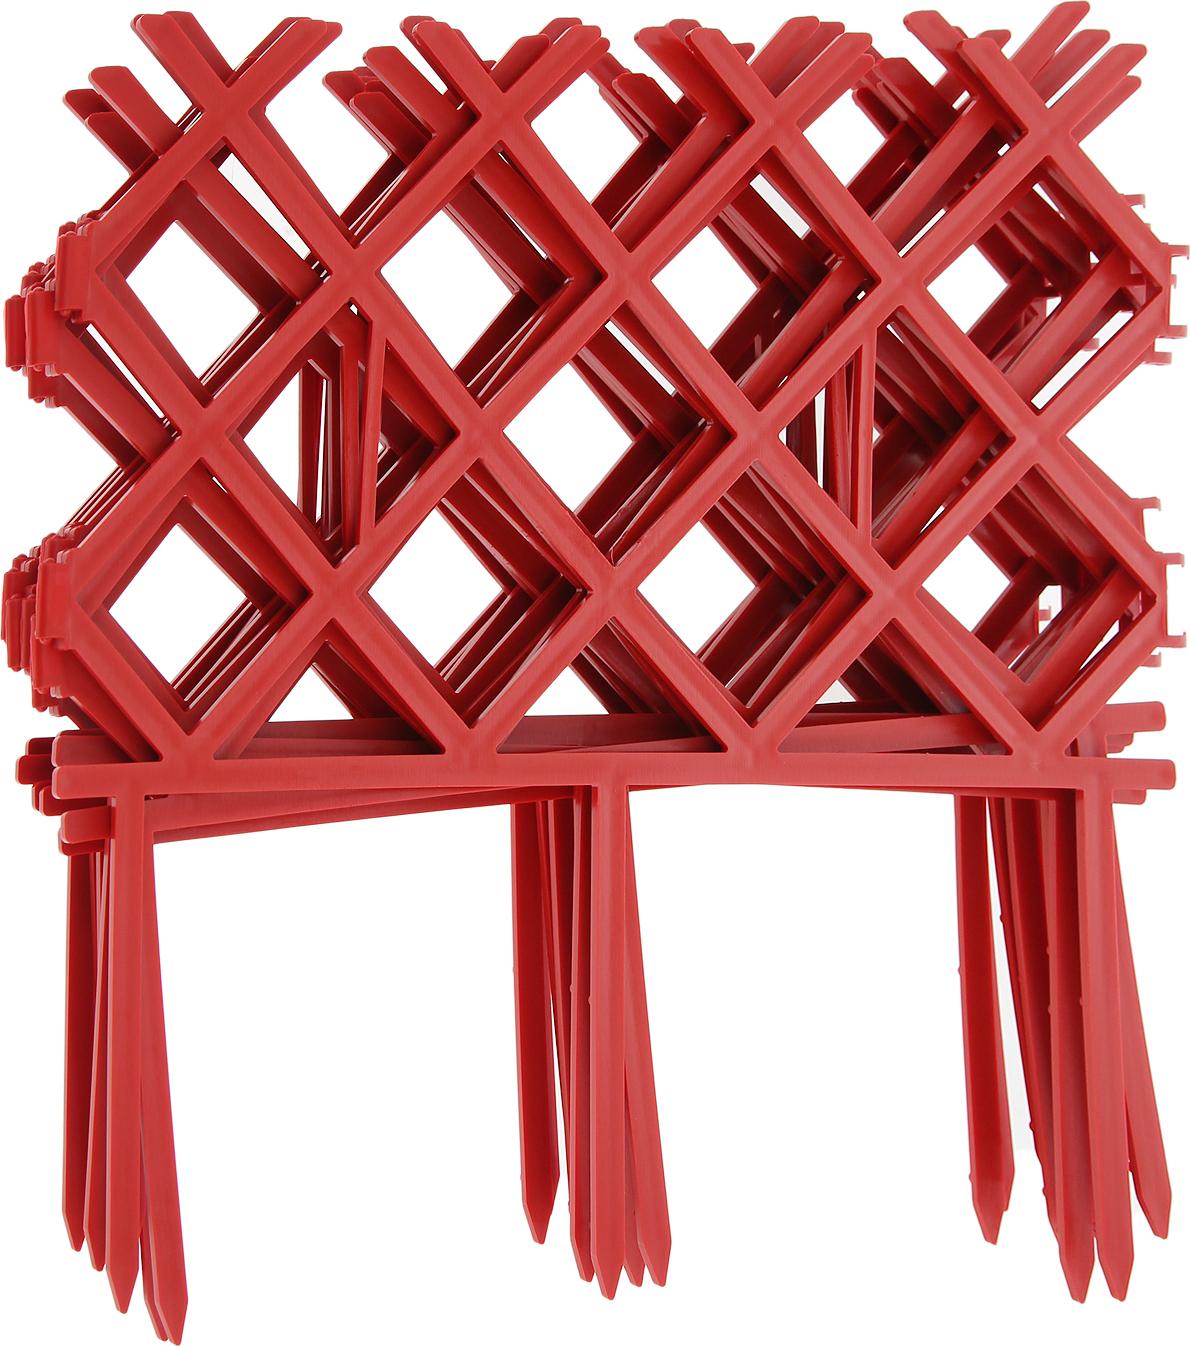 Забор декоративный Комплект-Агро Палисад, цвет красный 19 см х 3 м табурет садовый комплект агро 35 х 22 х 26 см